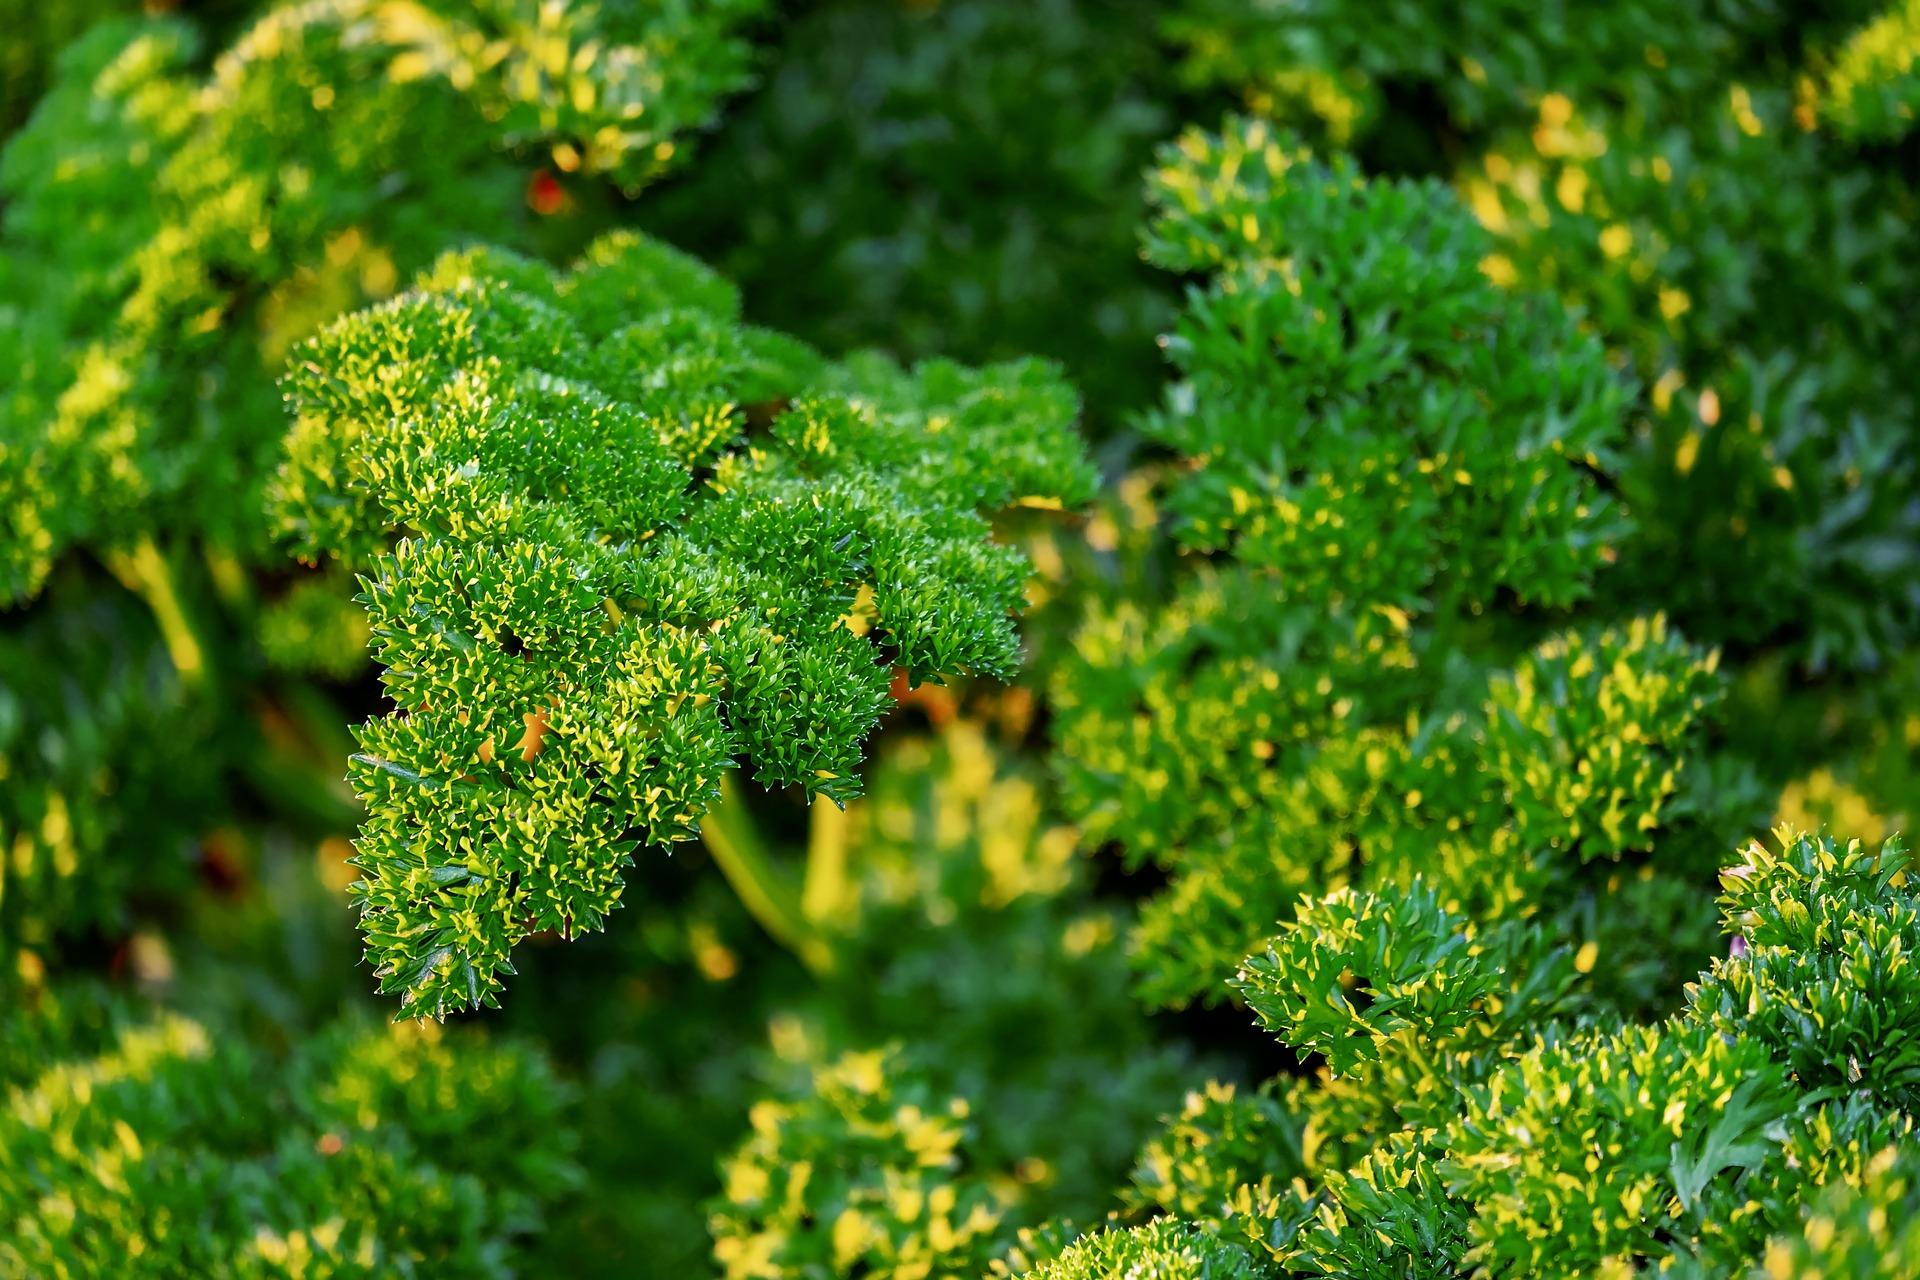 parsley-3689787_1920.jpg